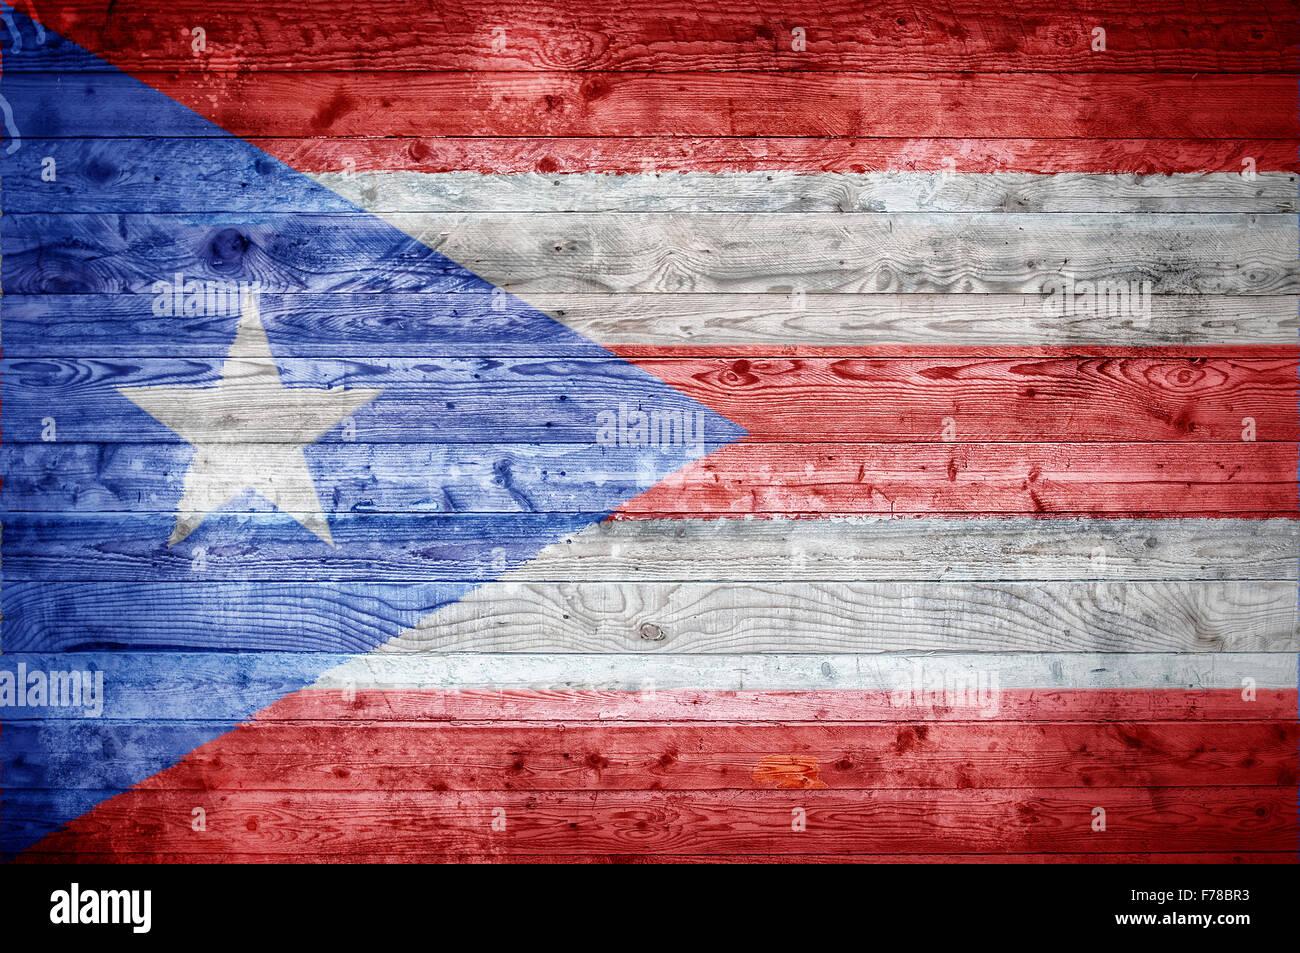 Puerto Rico Wallpaper Stock Photos Puerto Rico Wallpaper Stock